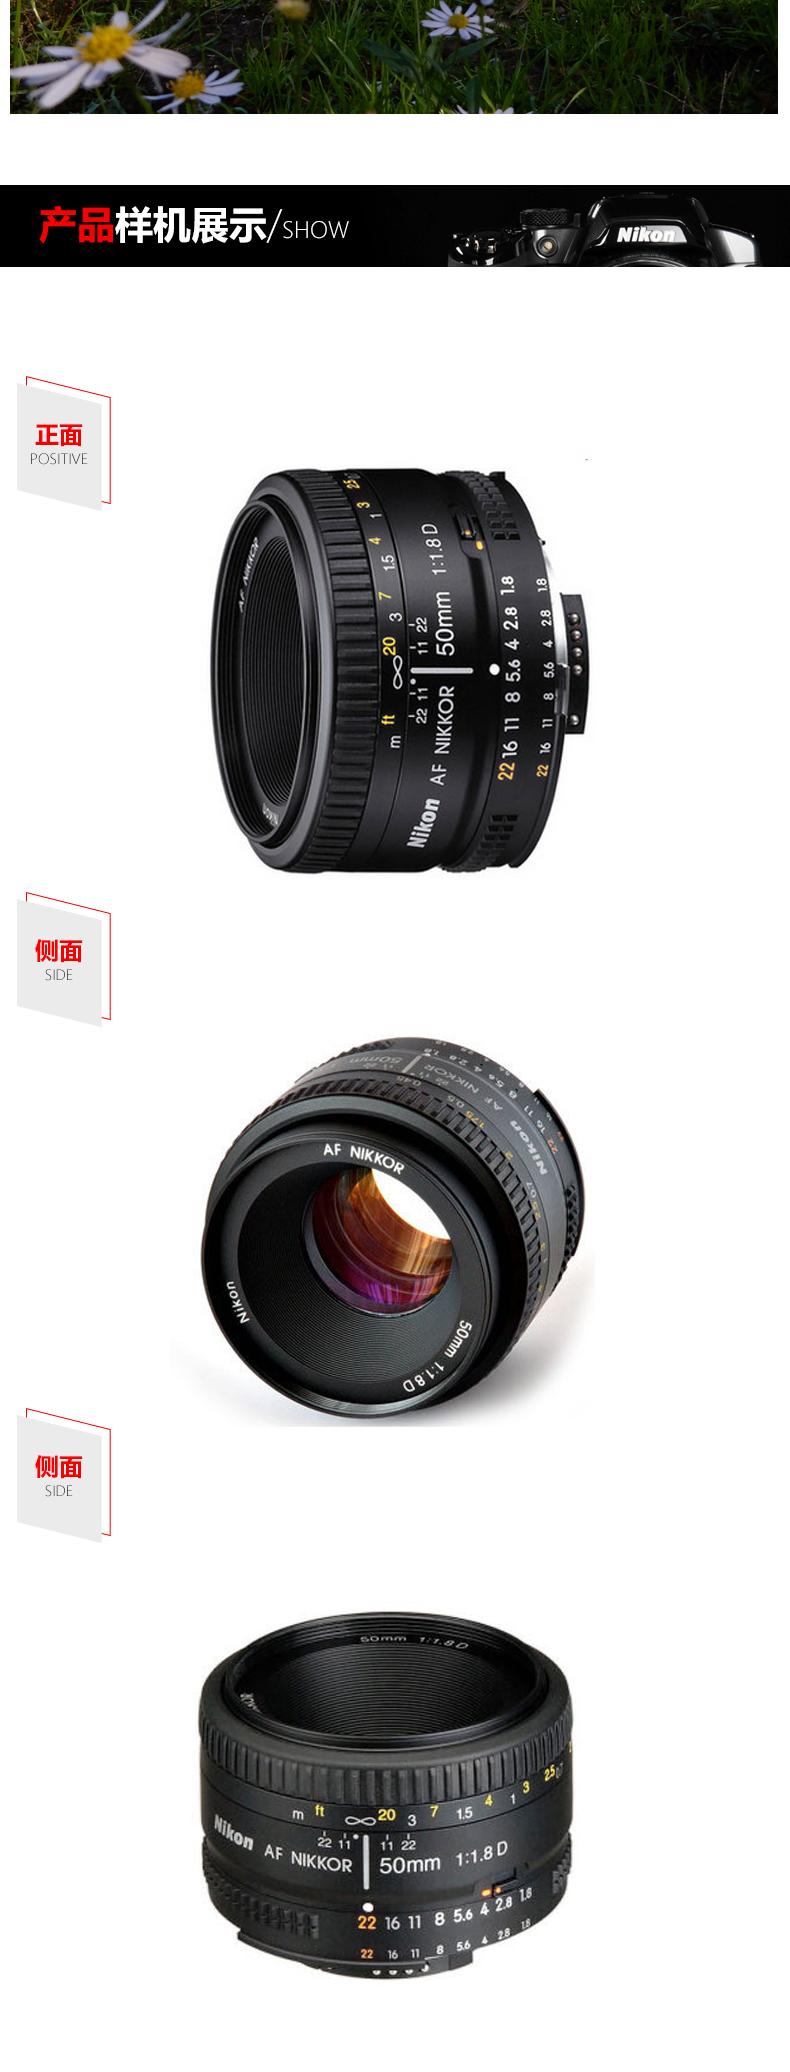 Nett Linse Nikon Full Frame Ideen - Bilderrahmen Ideen - szurop.info